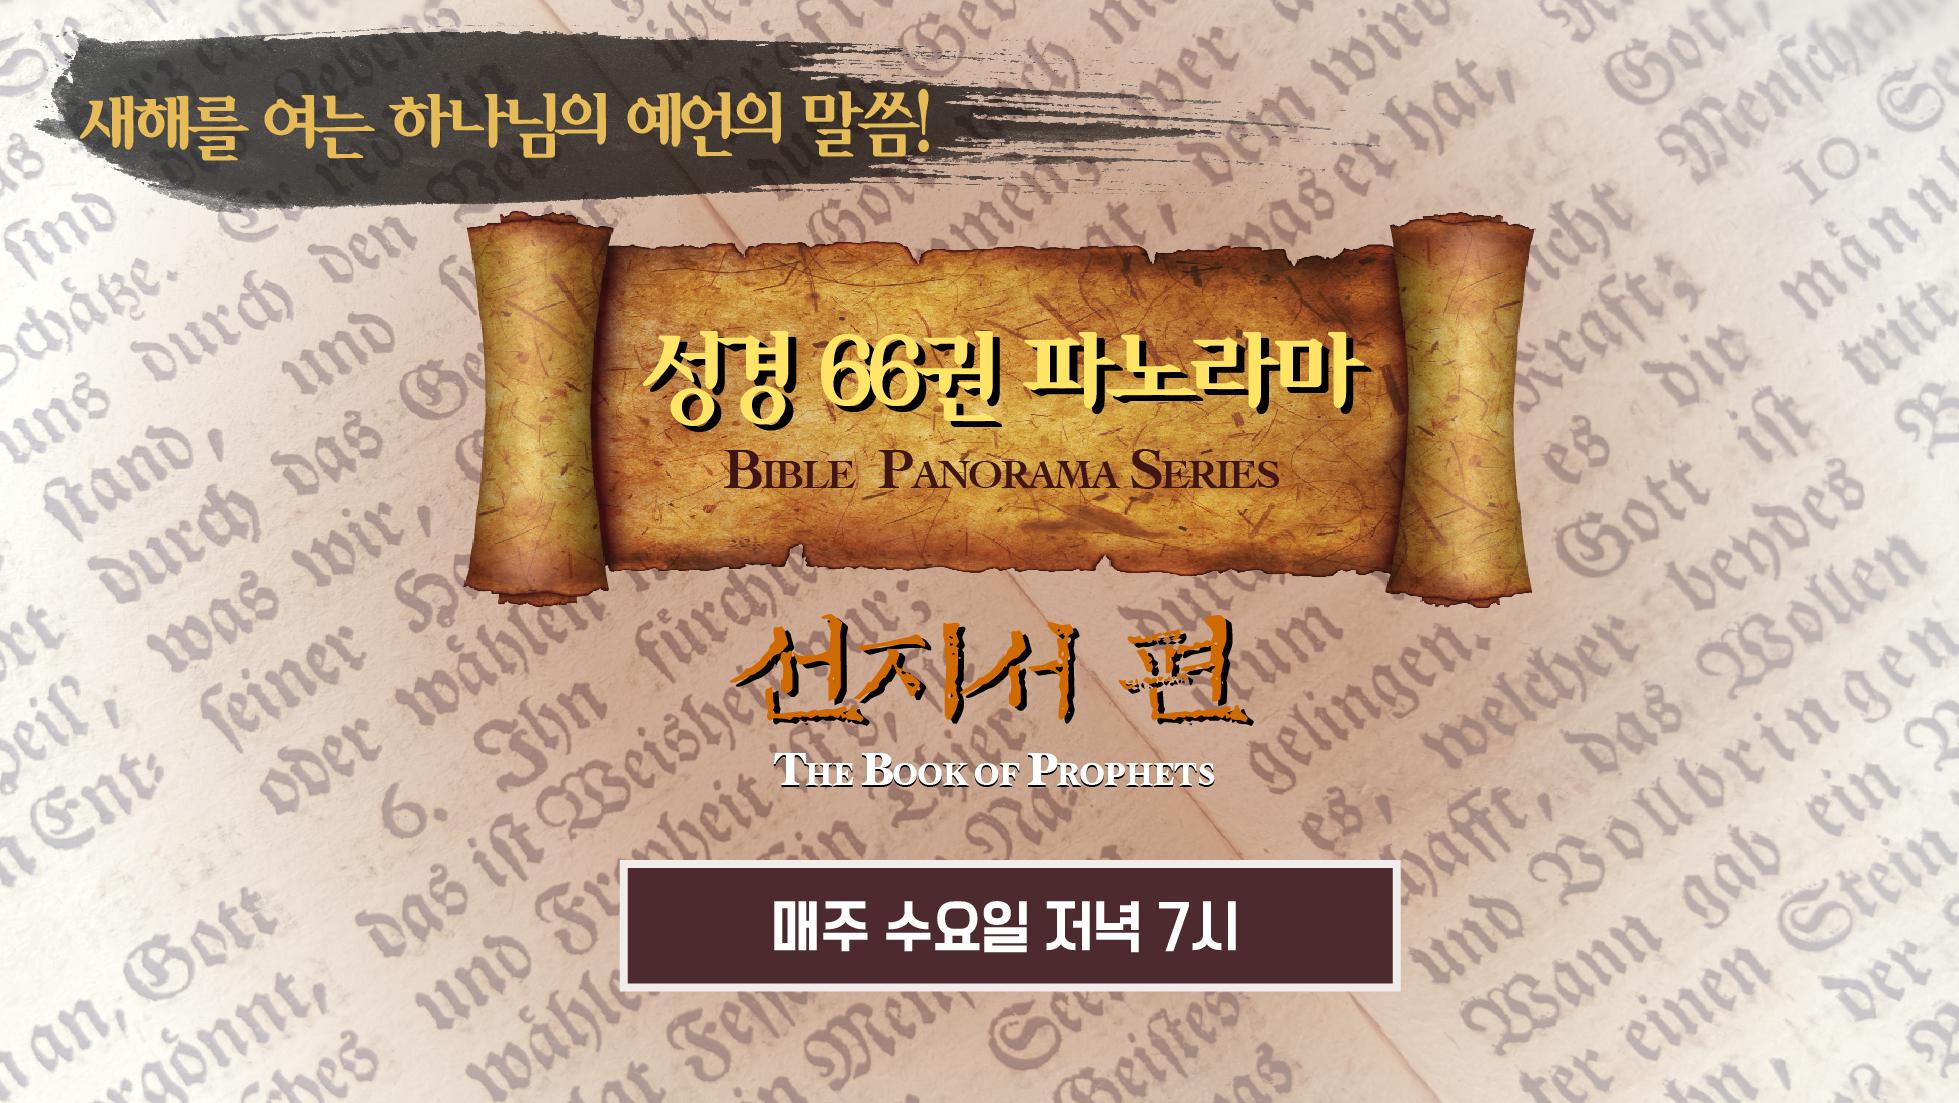 6수요파노라마 선지서 copy 2